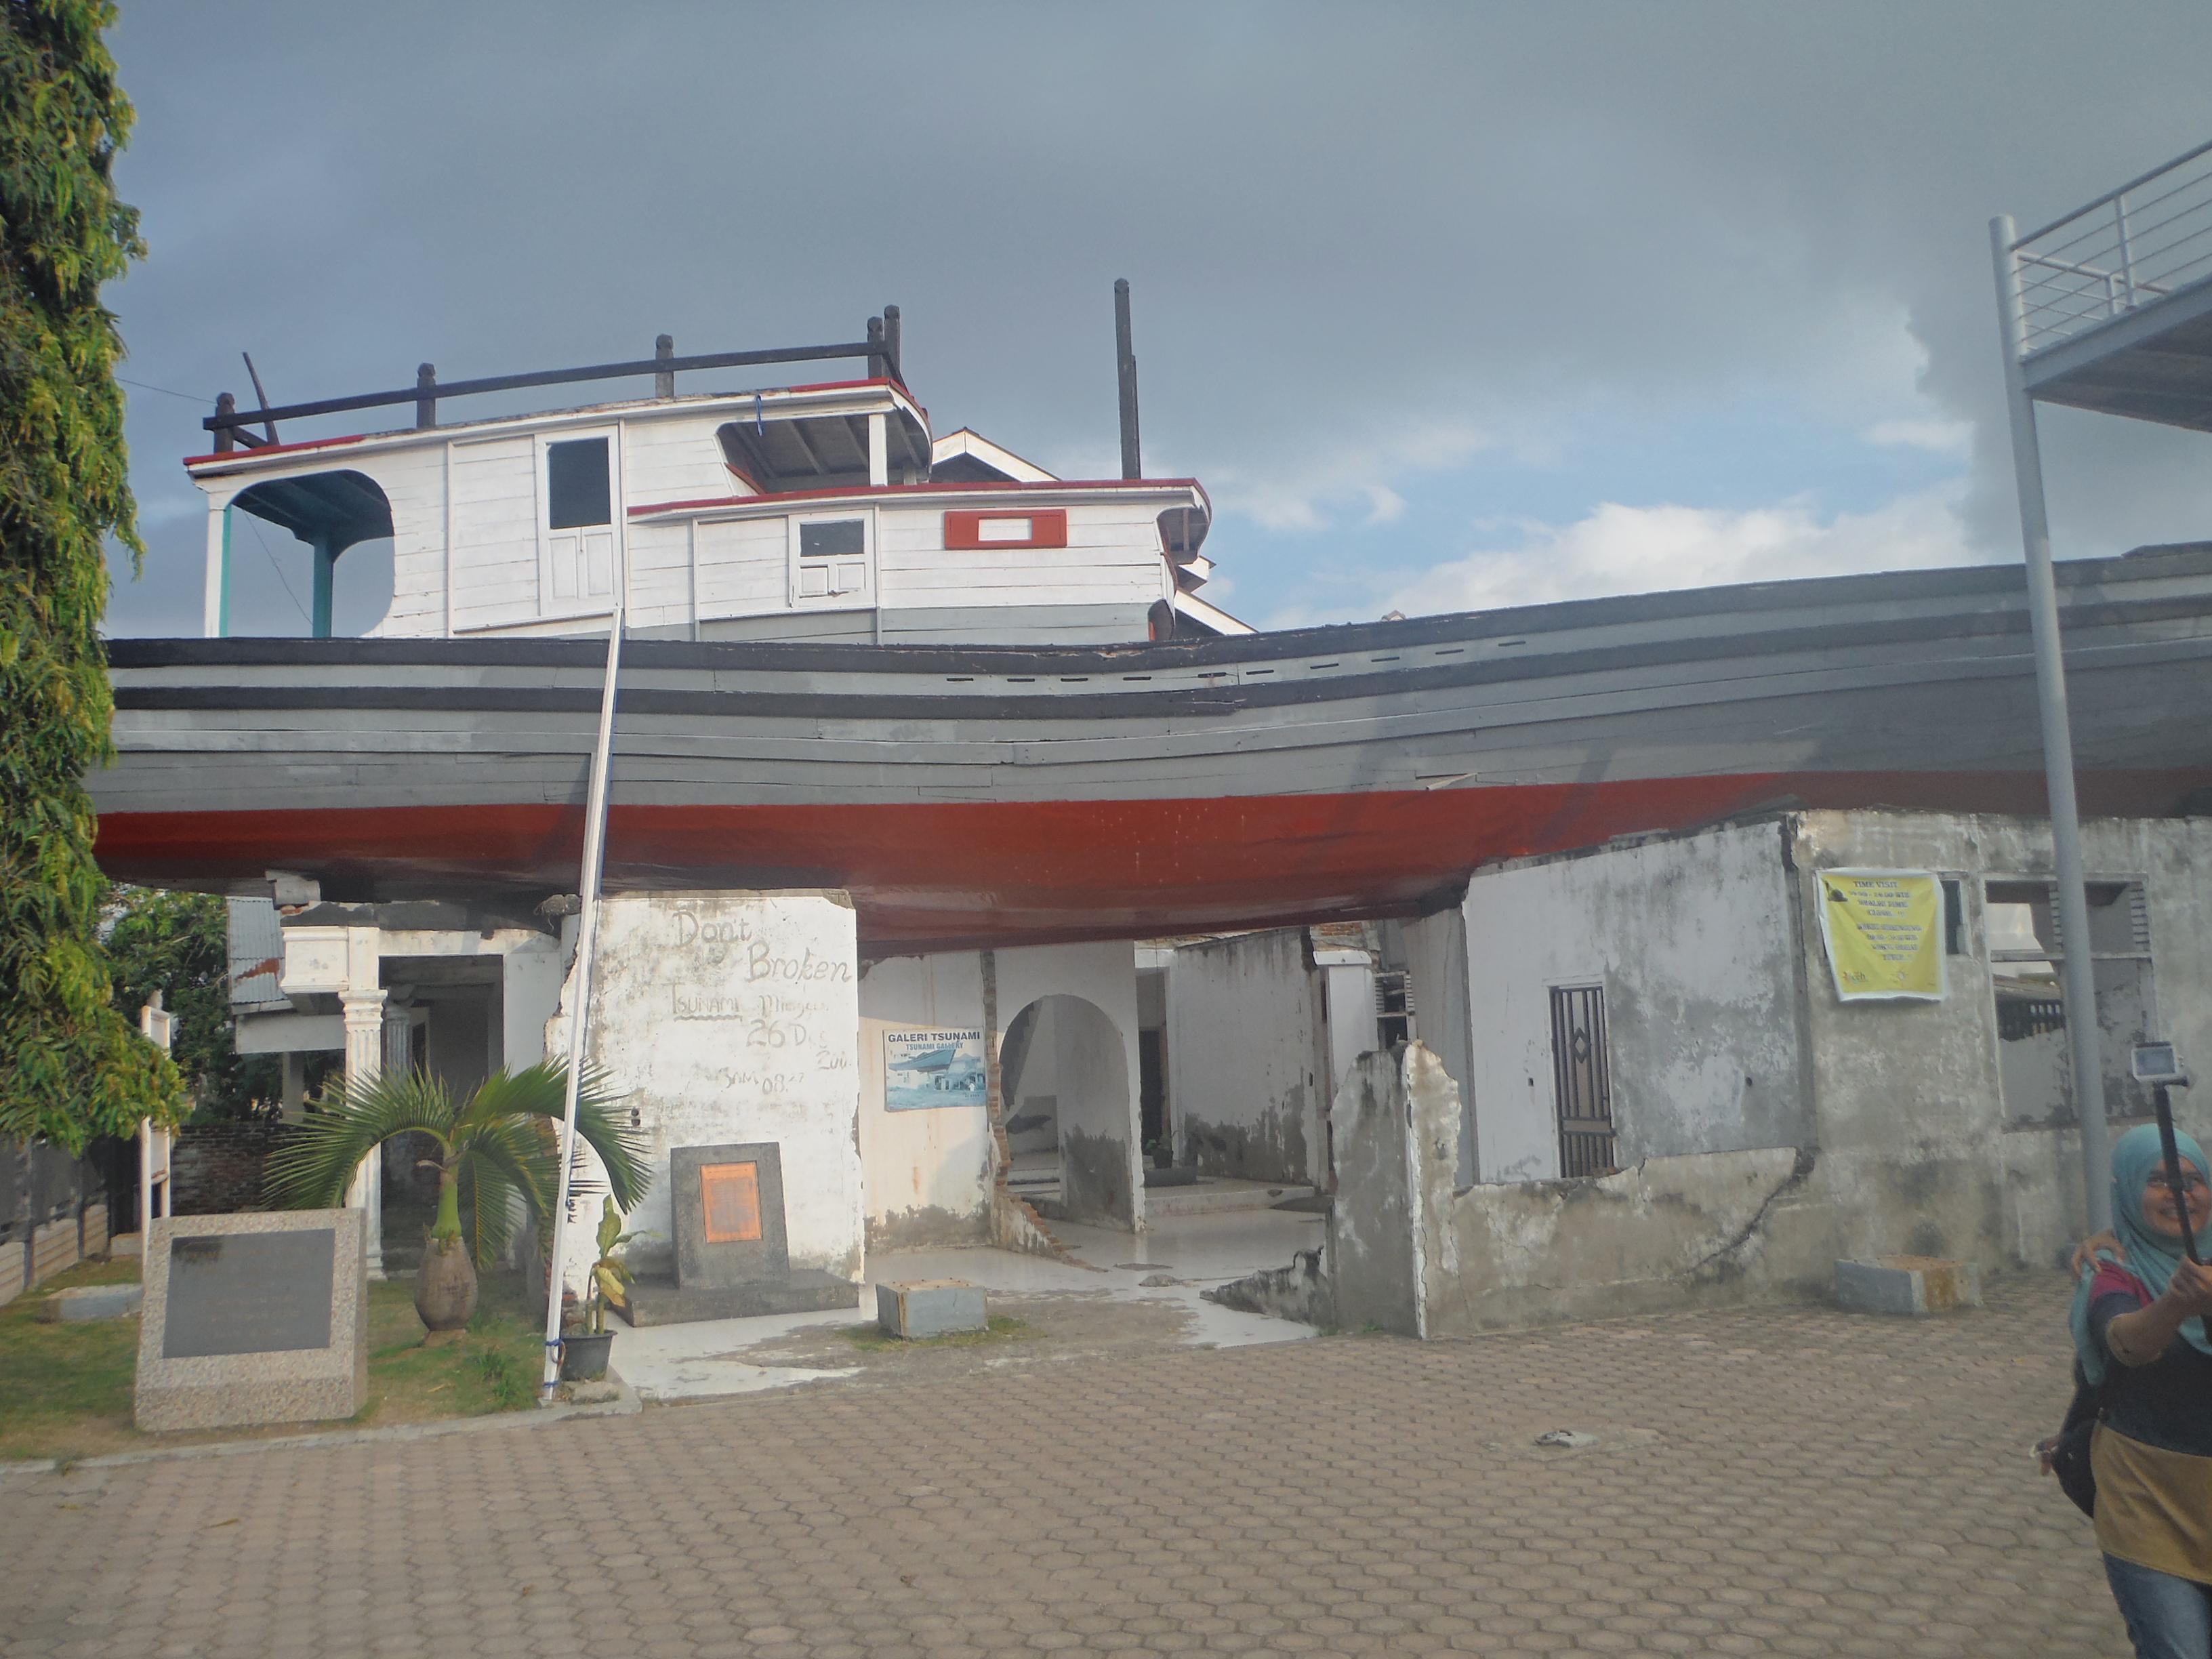 segelboot mit leuten drauf